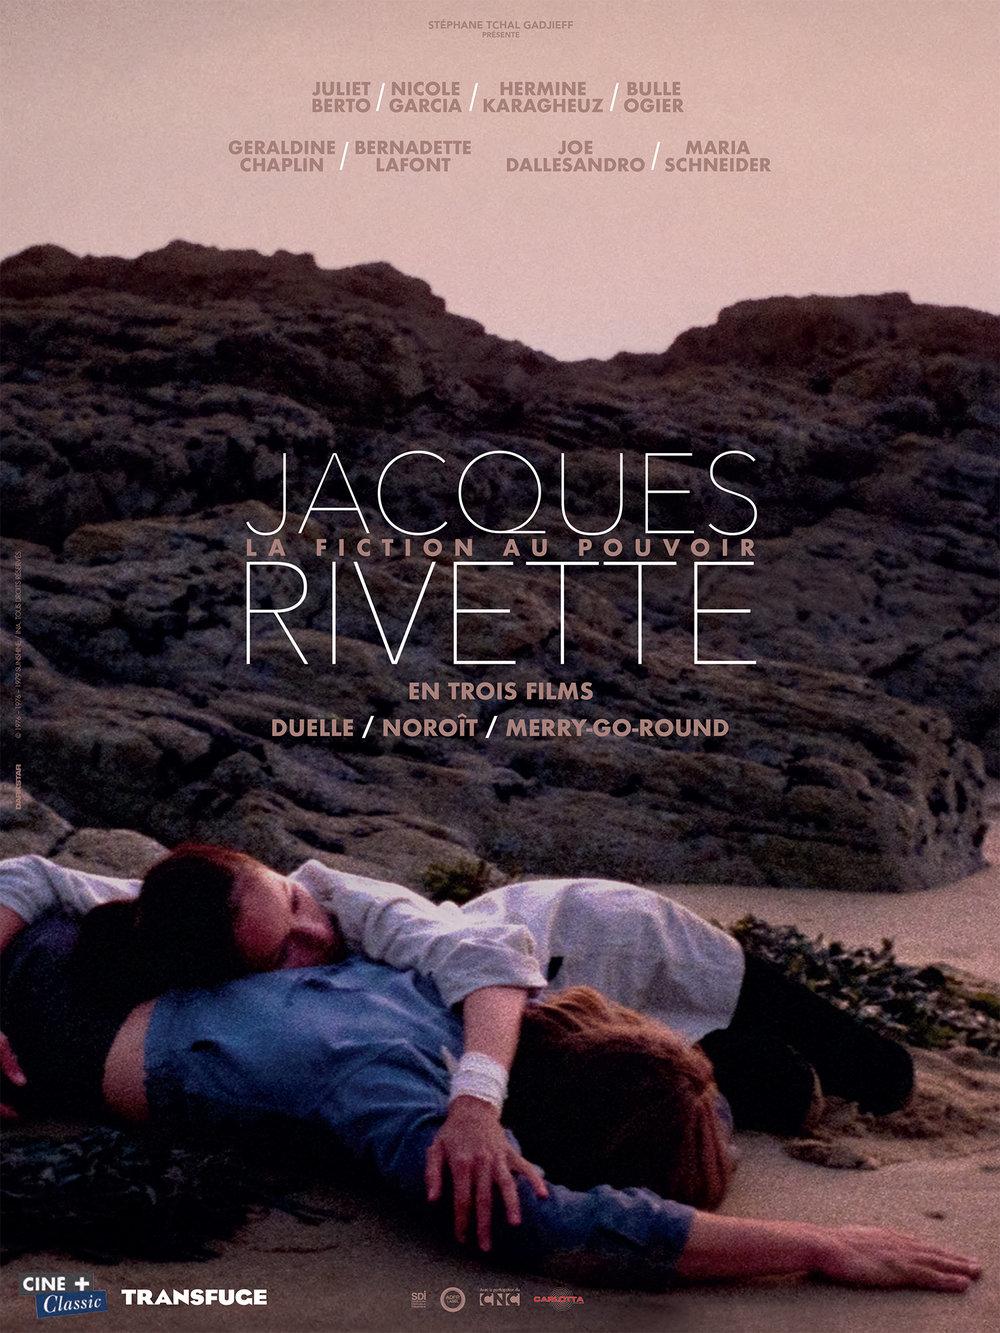 AFF JACQUES RIVETTE EN 3 FILMS HD.jpg